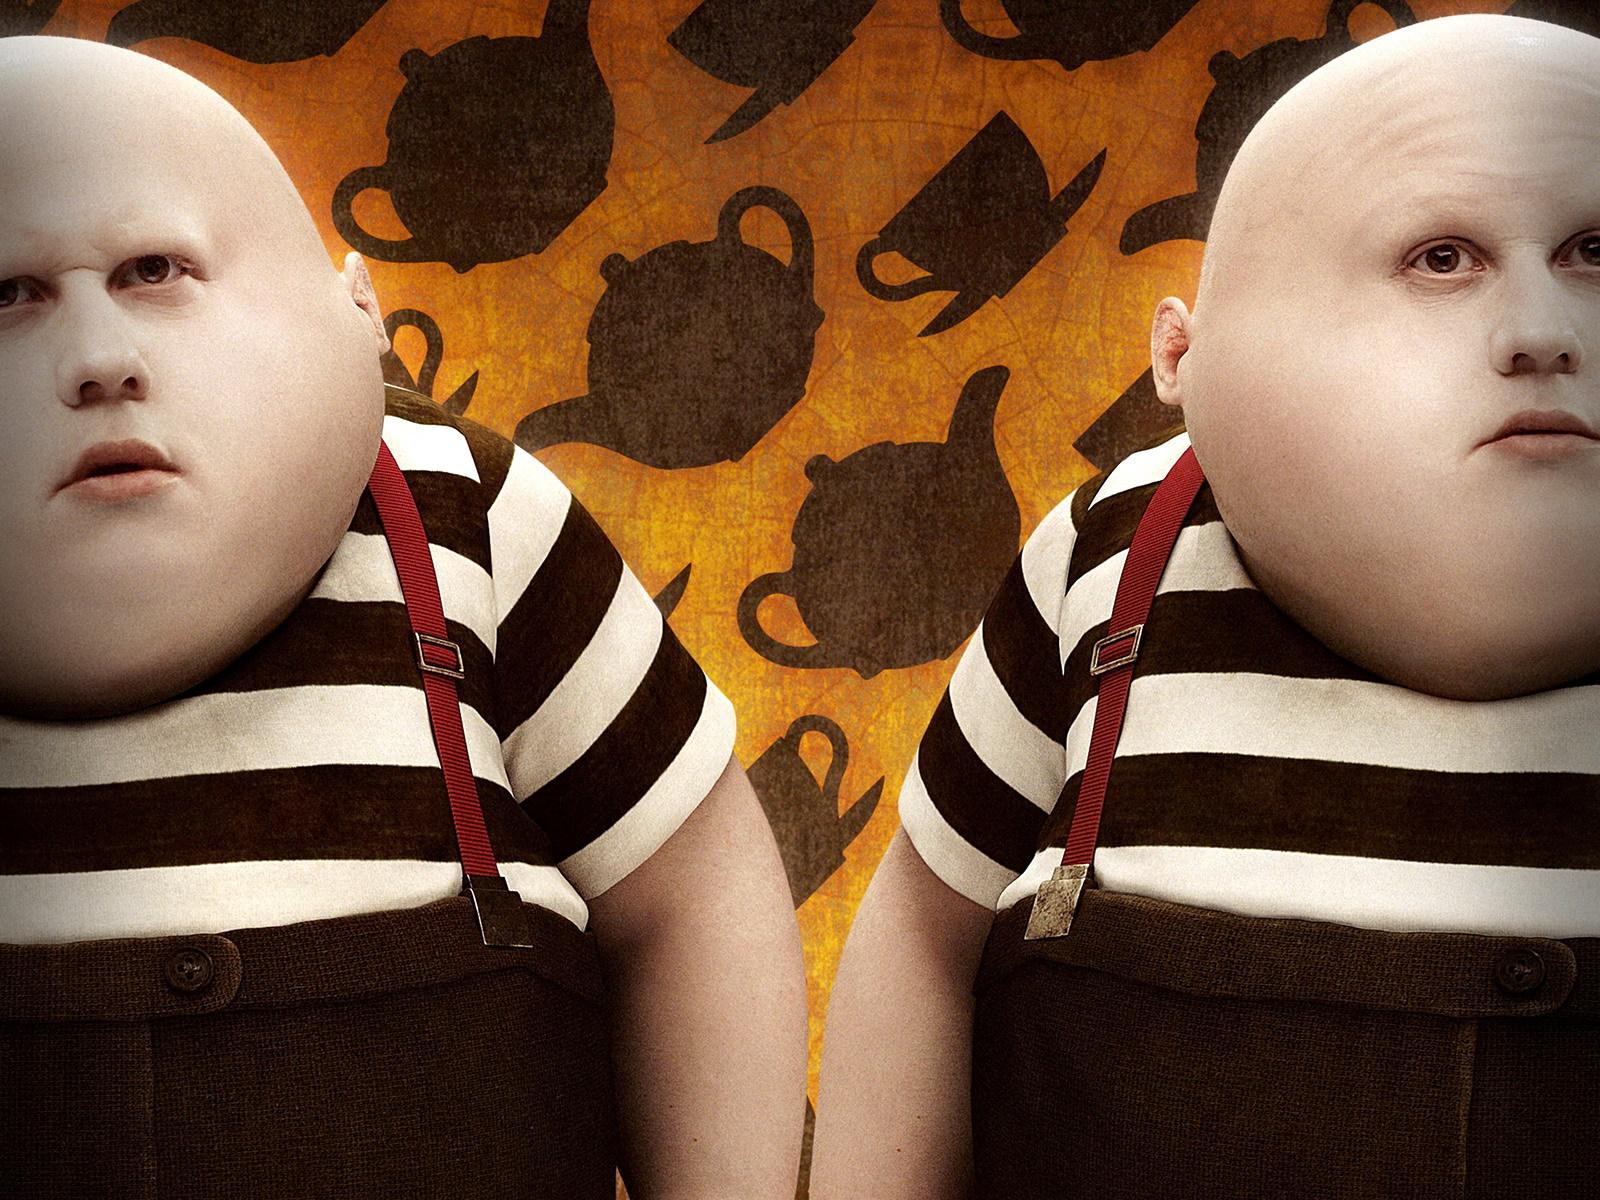 Средней, прикол картинка близнецы